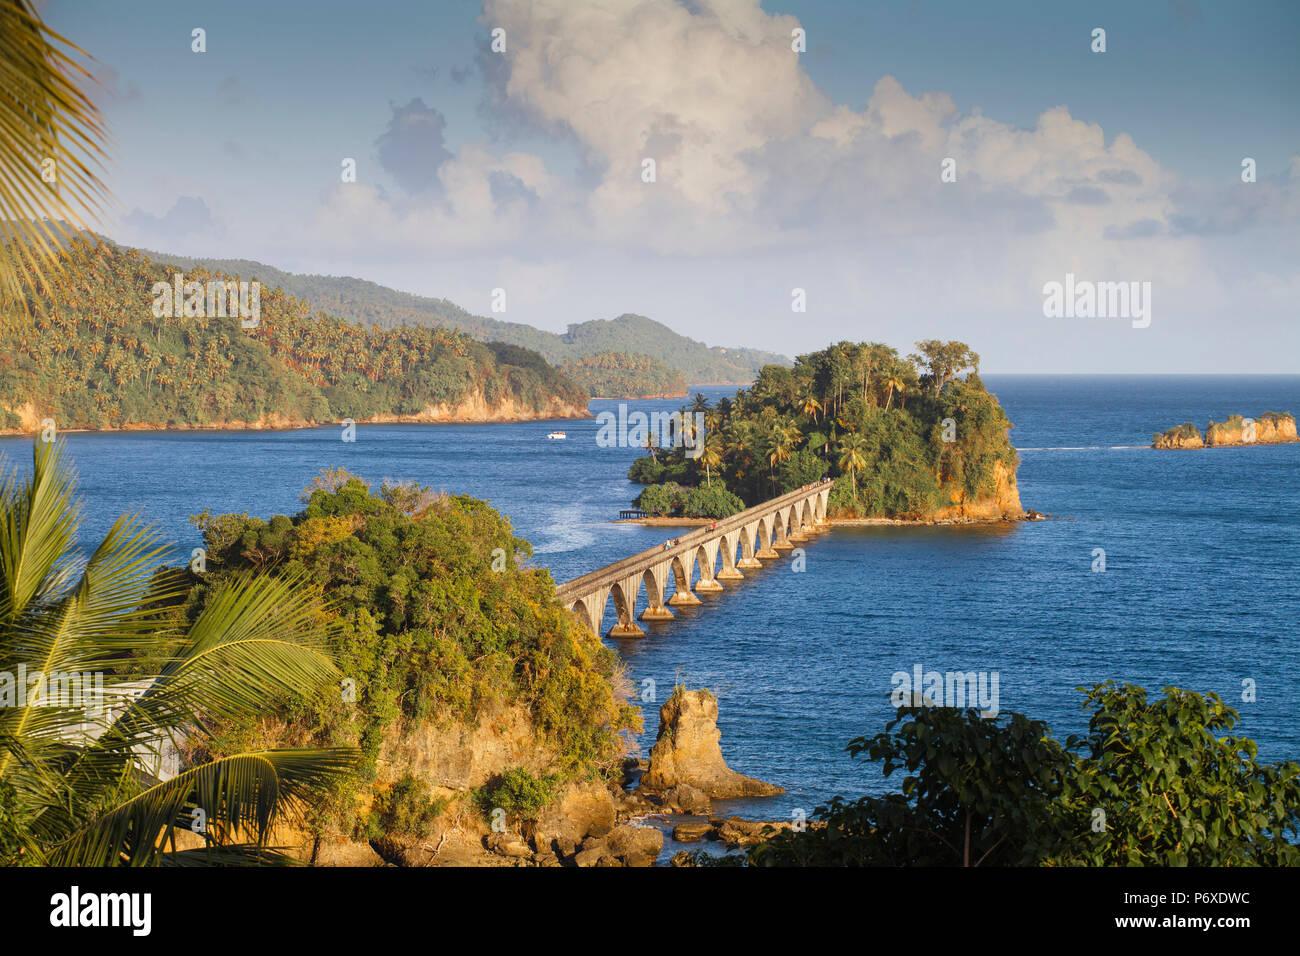 Repubblica Dominicana, Est della penisola di Samana, Semana, vista del porto e Los Puentes - famoso ponte per nulla Immagini Stock